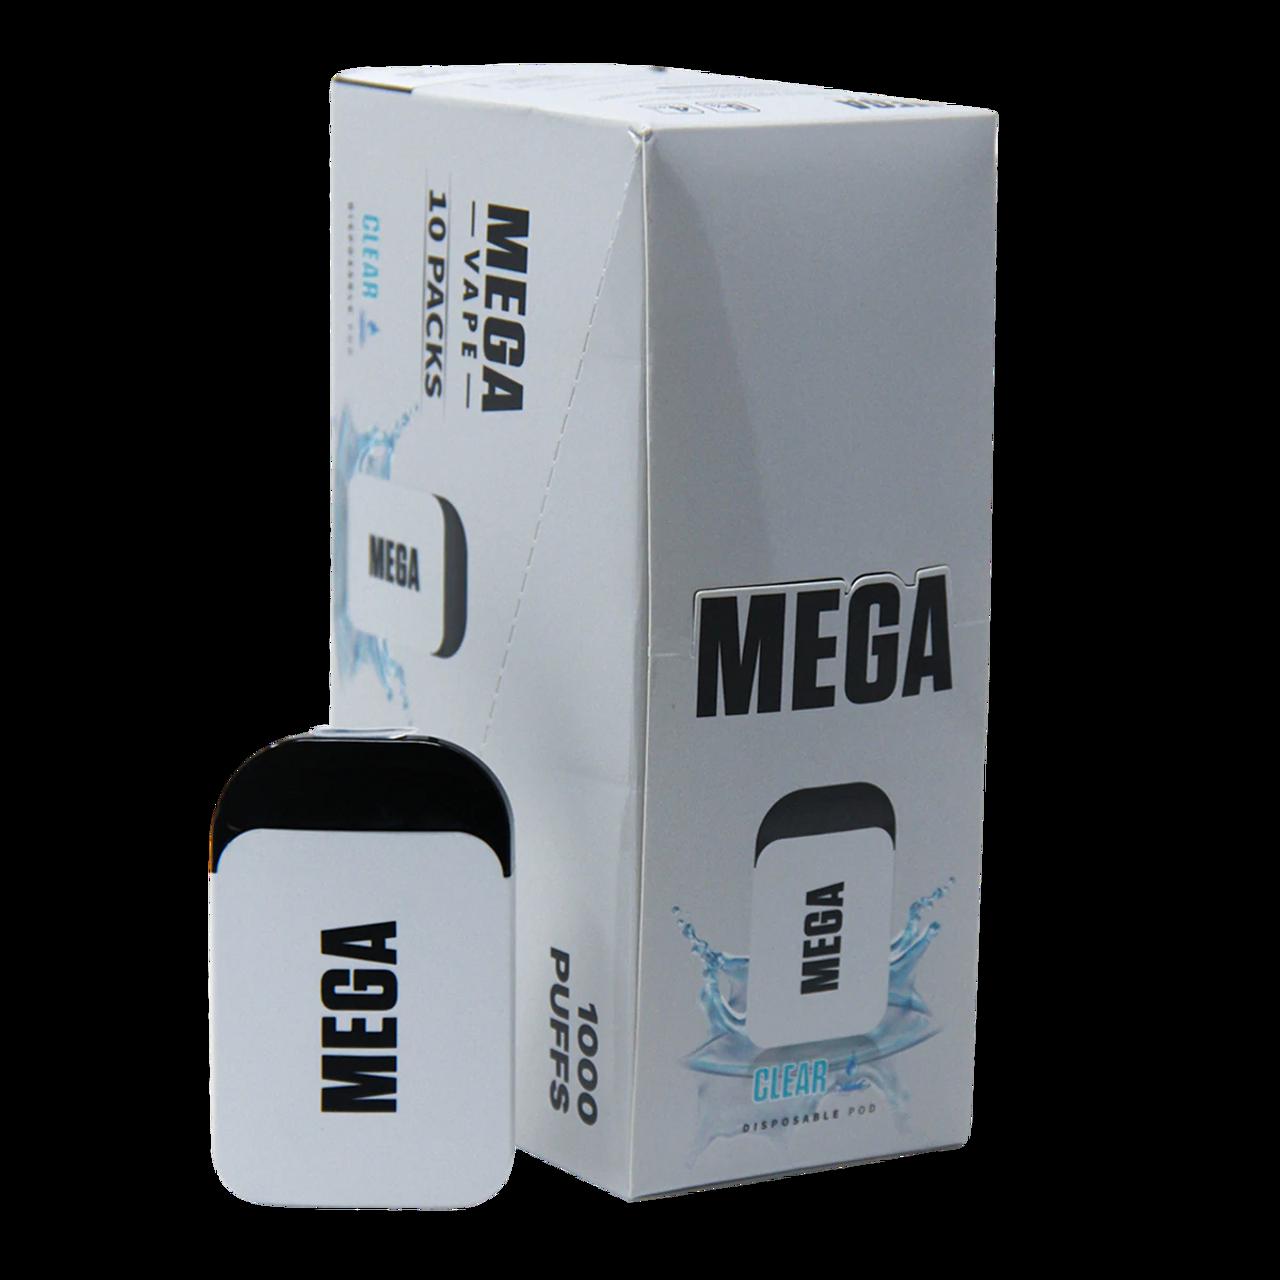 Mega Vape MEGA Vape Disposable V2 - 5percent 1000 Puffs - 10pk at The Cloud Supply